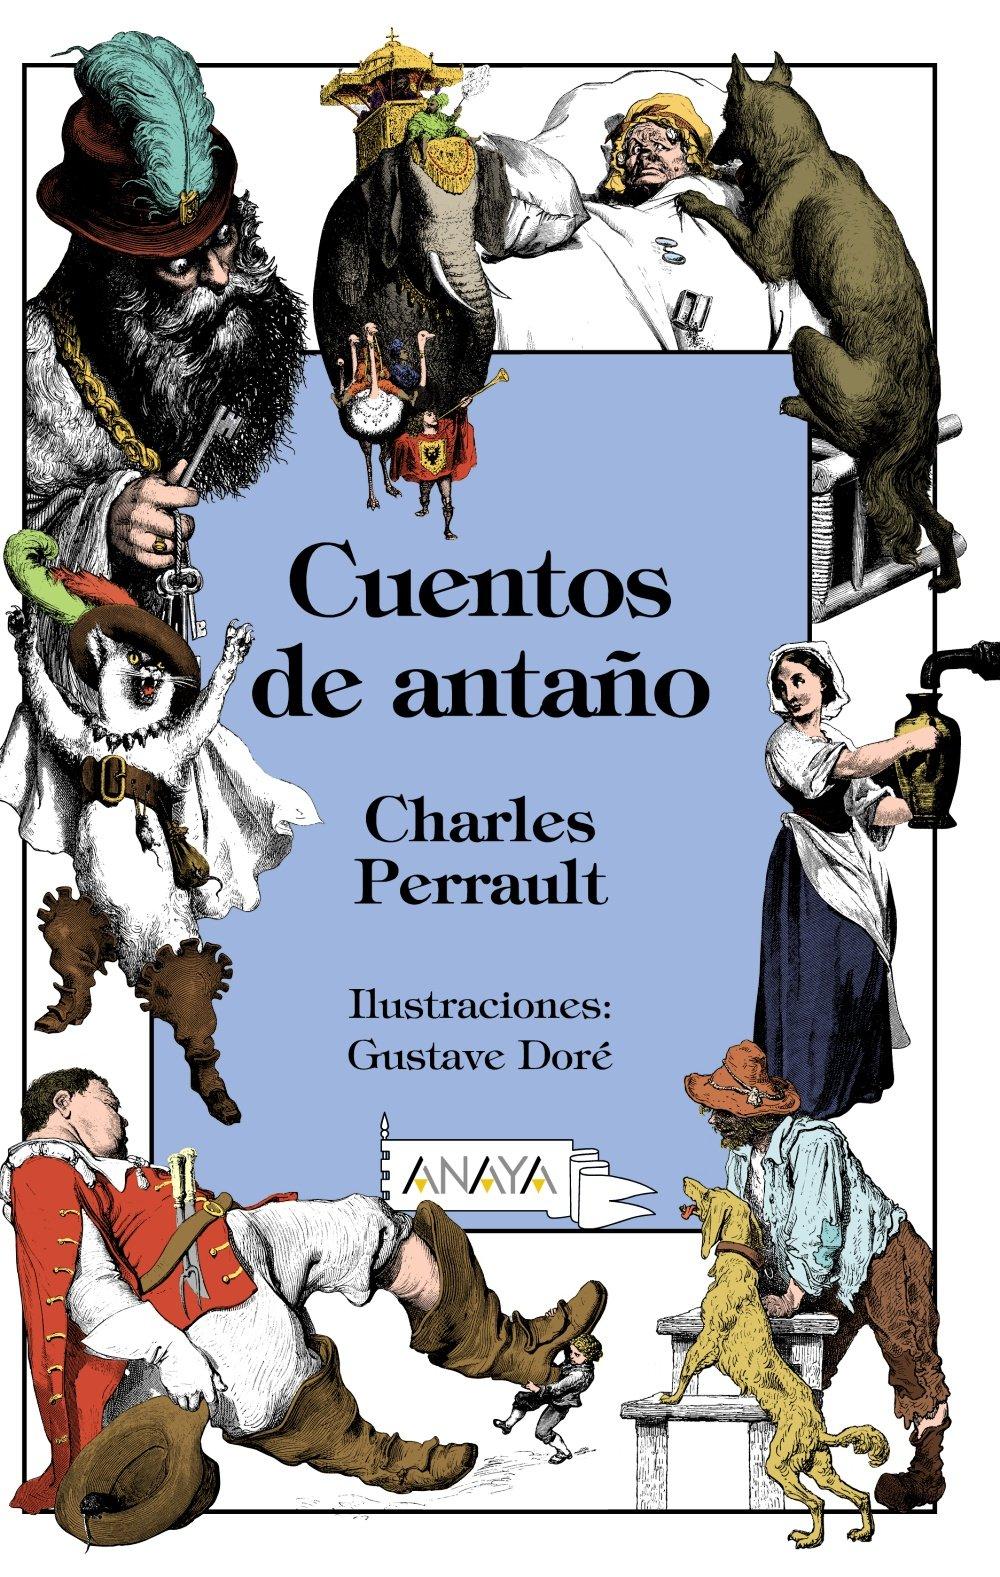 Cuentos de antaño LITERATURA INFANTIL 6-11 años - Libros-Regalo ...